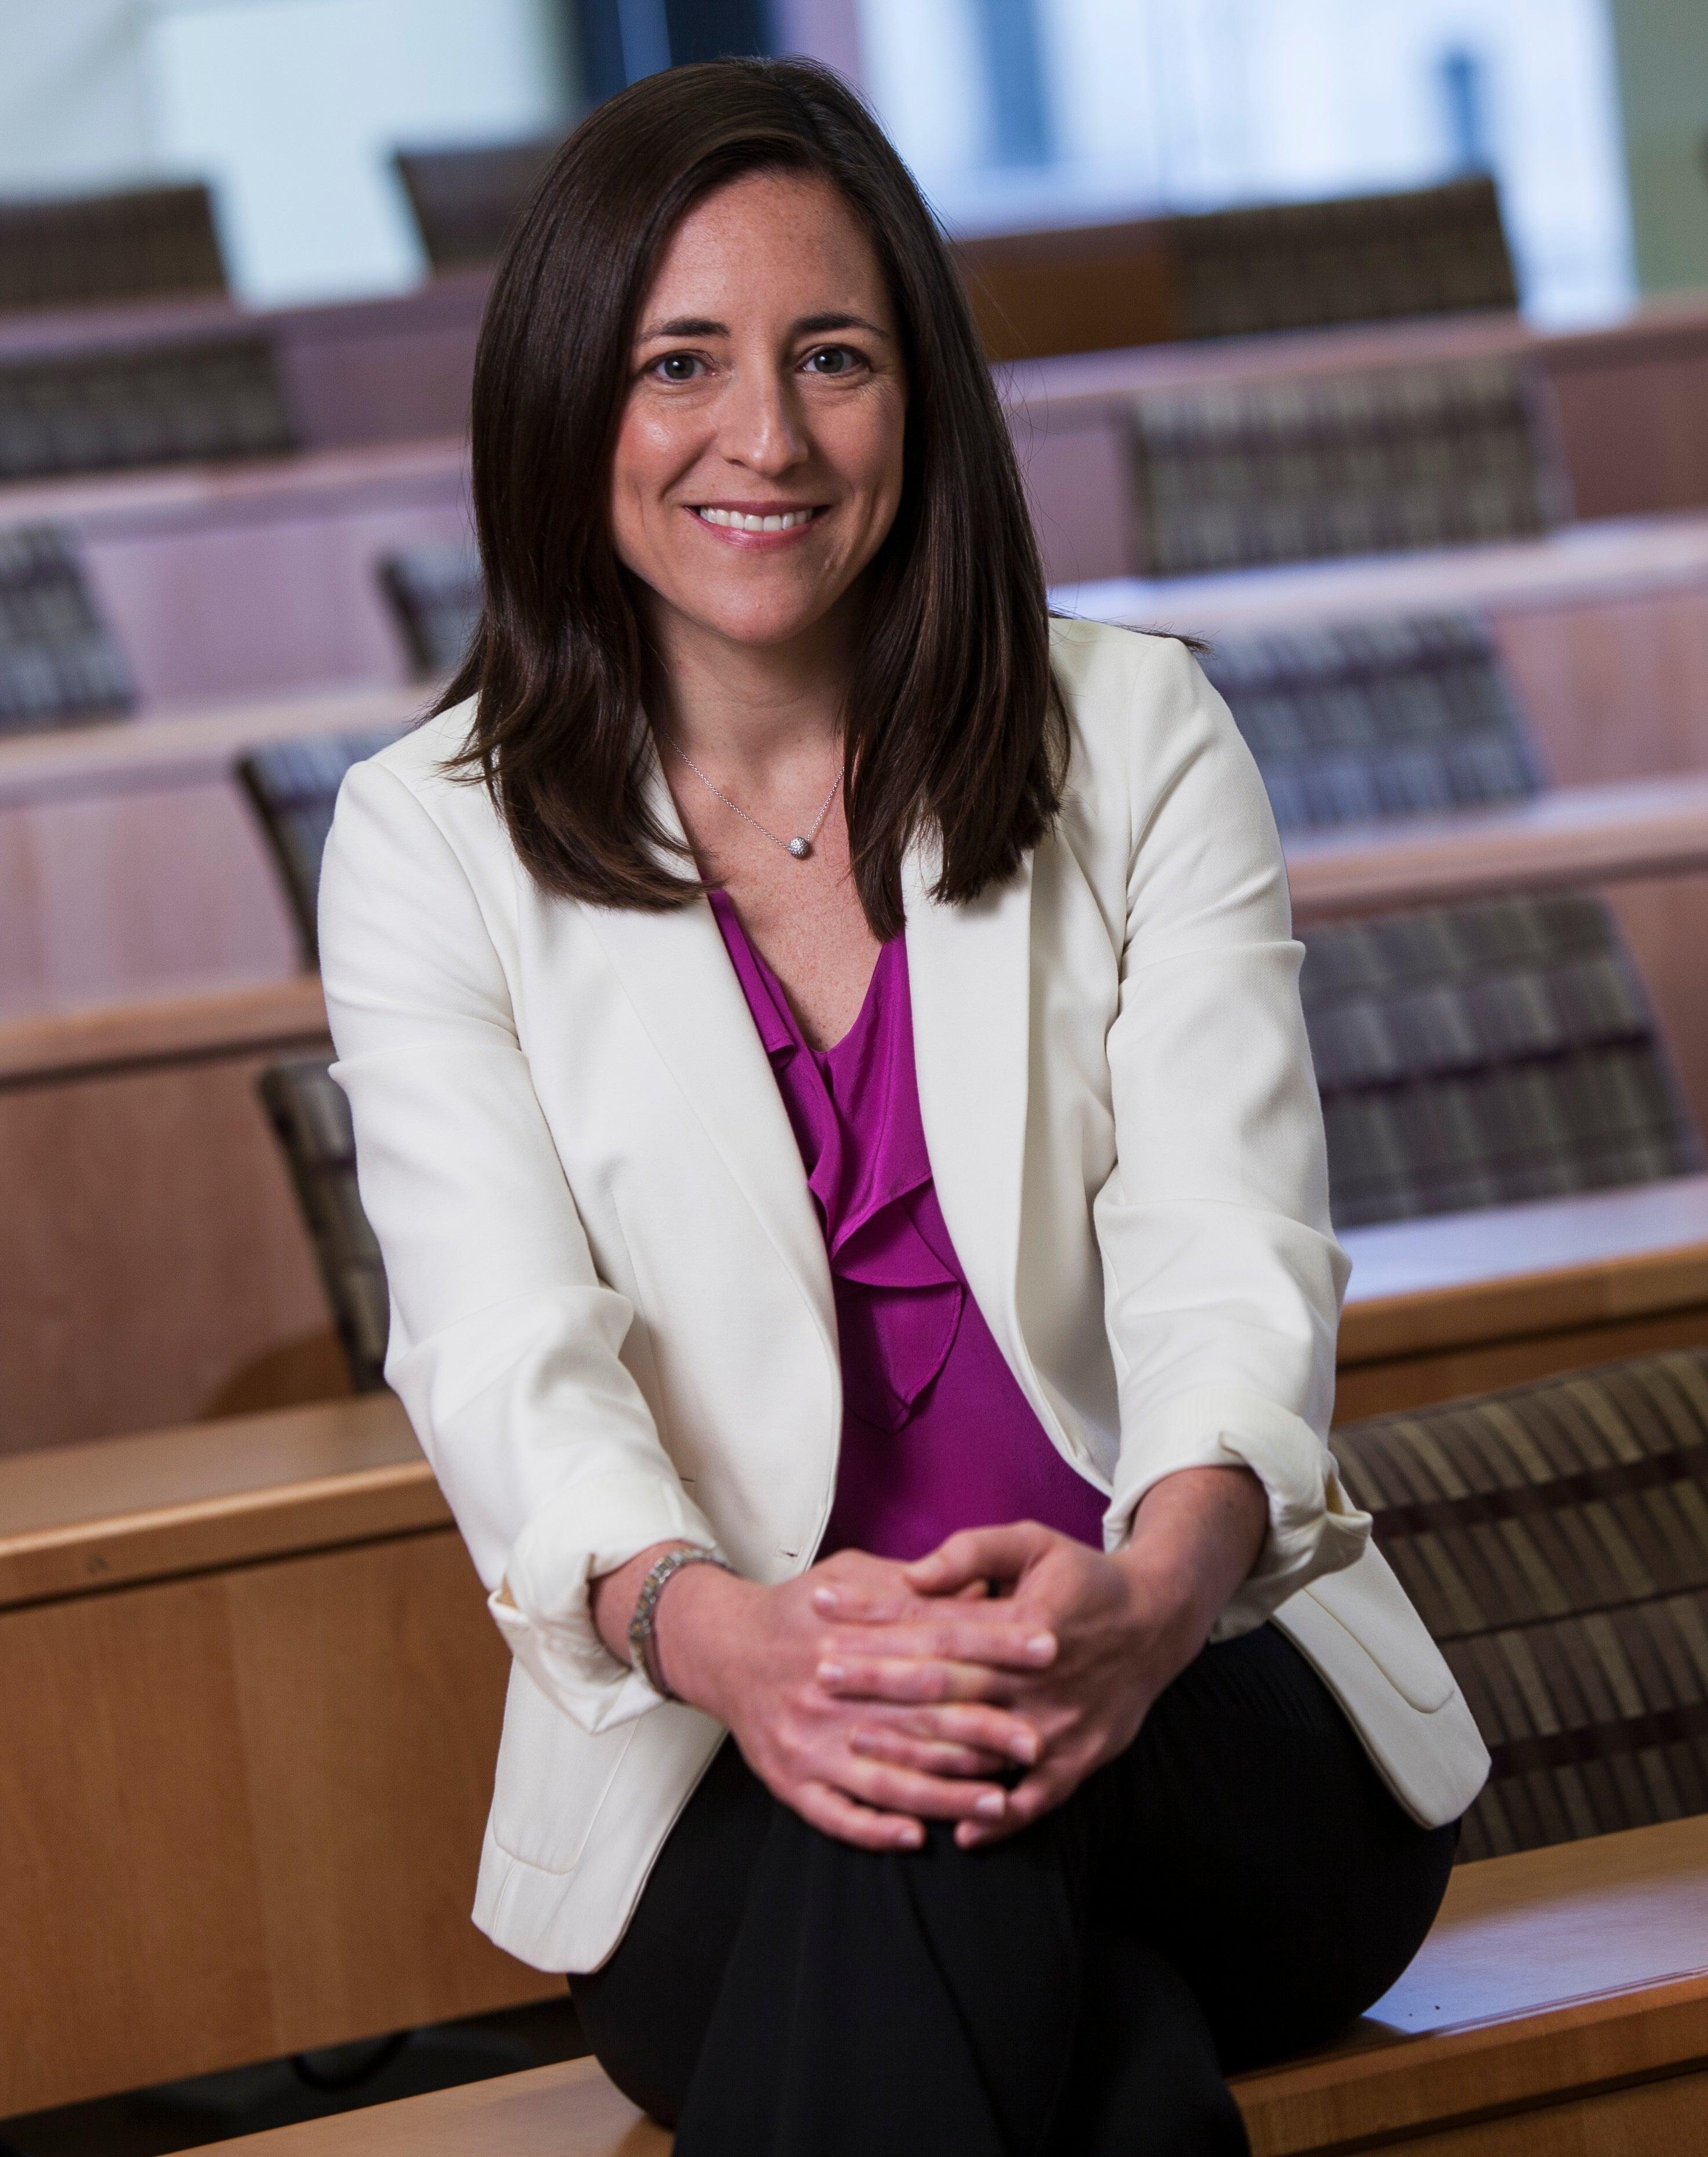 Lisa Leslie